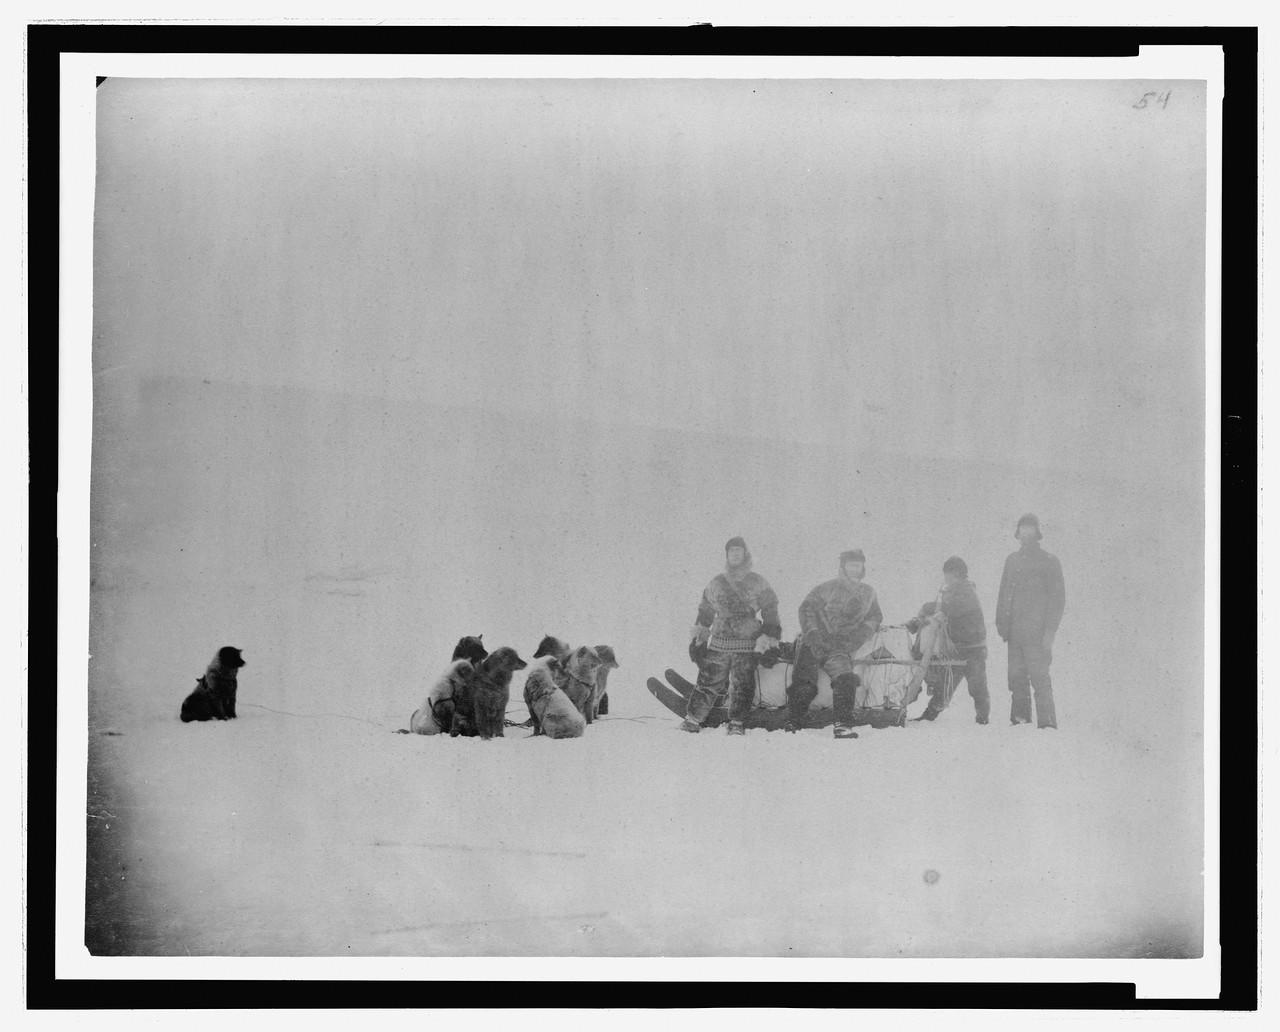 3c36184uд-р Павий, сержант. Райс и Йенс, начиная с севера, март, 1882.jpg